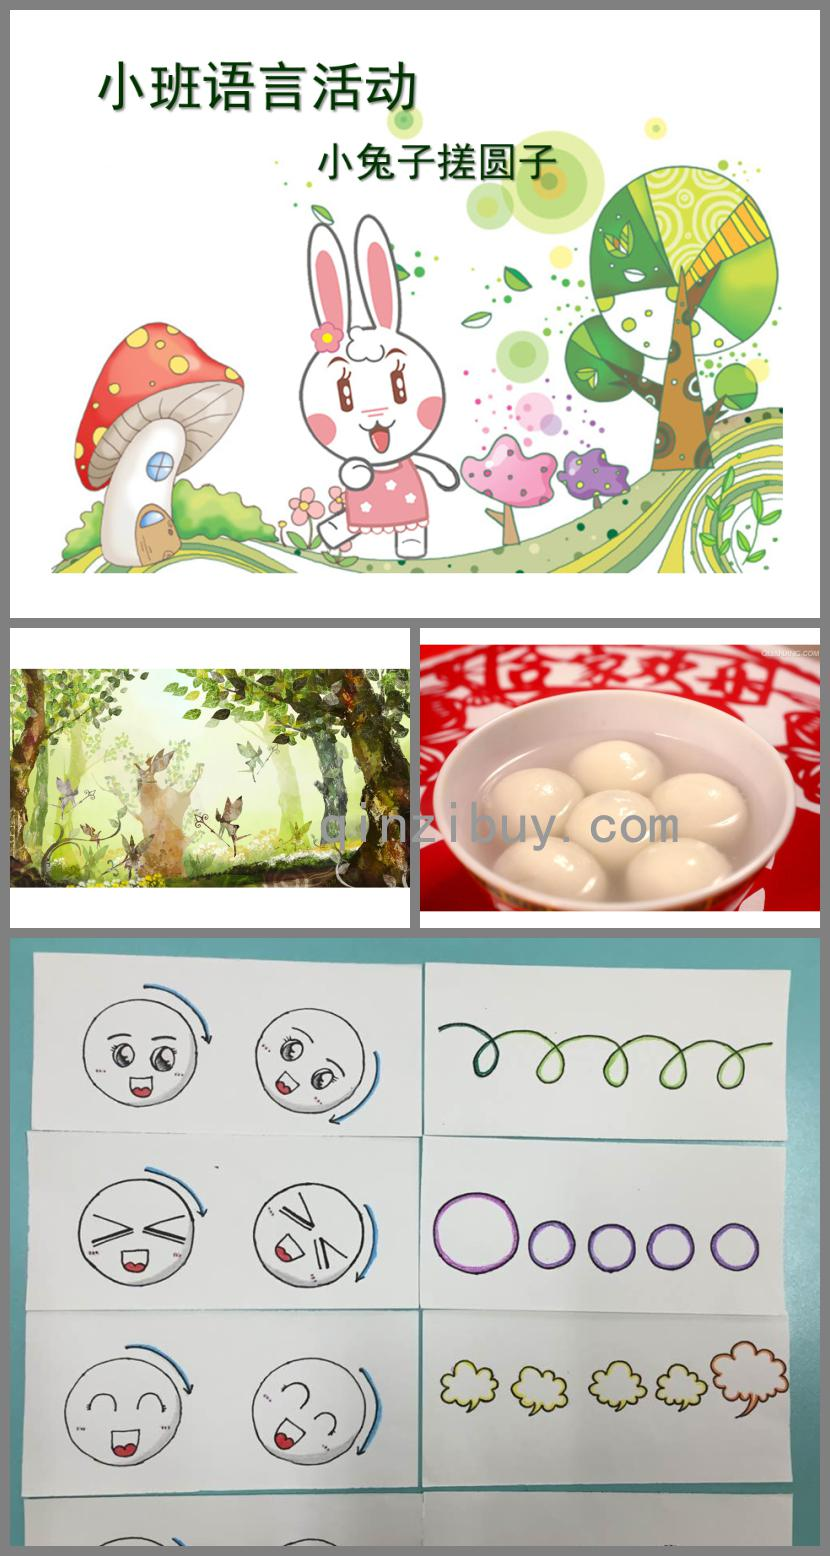 小班语言活动小兔子搓圆子PPT课件